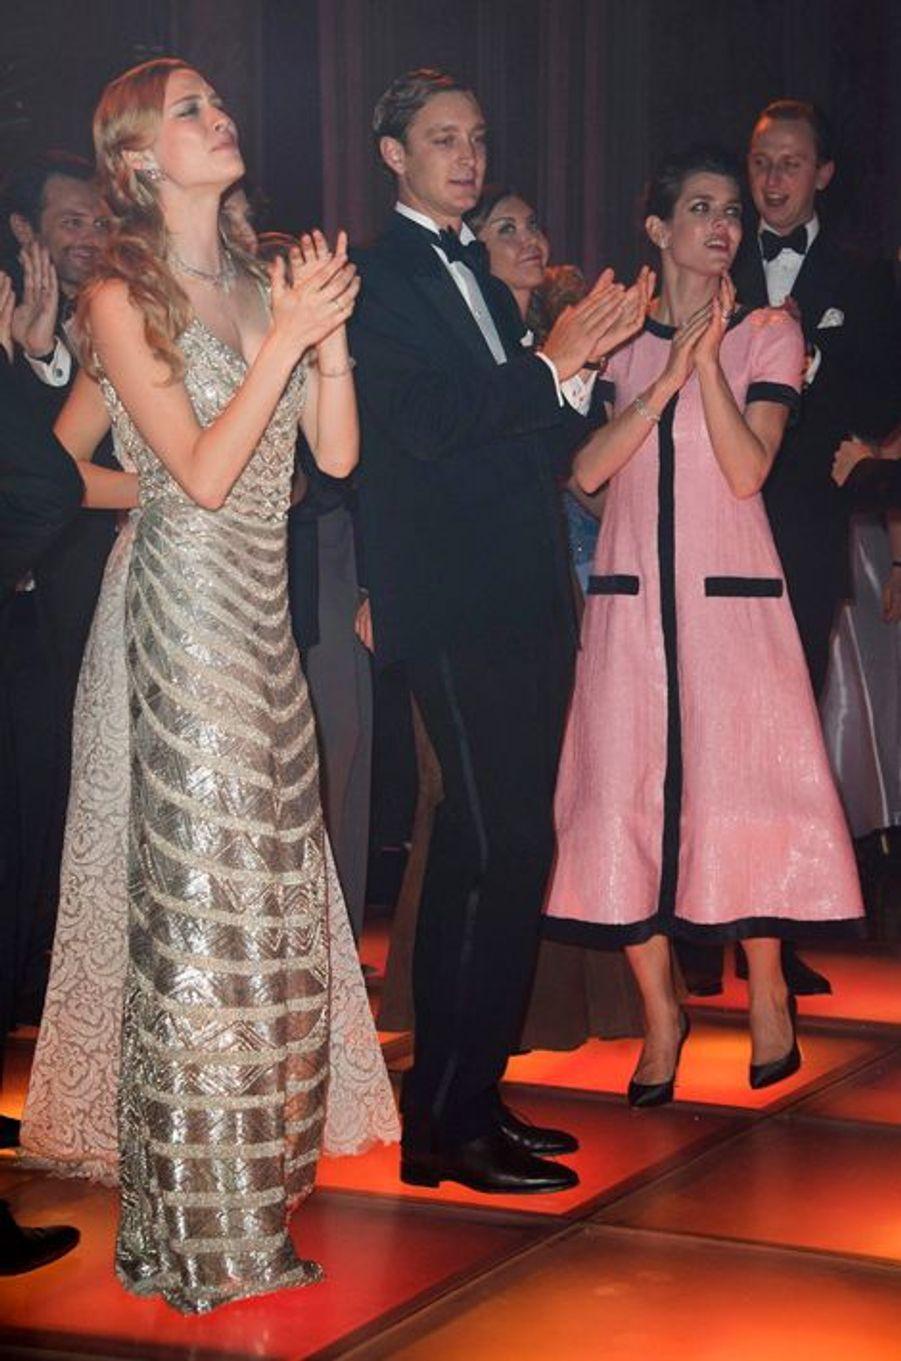 Beatrice Borromeo et Pierre Casiraghi avec sa soeur Charlotte au 61ème bal de la Rose à Monaco, le 28 mars 2015